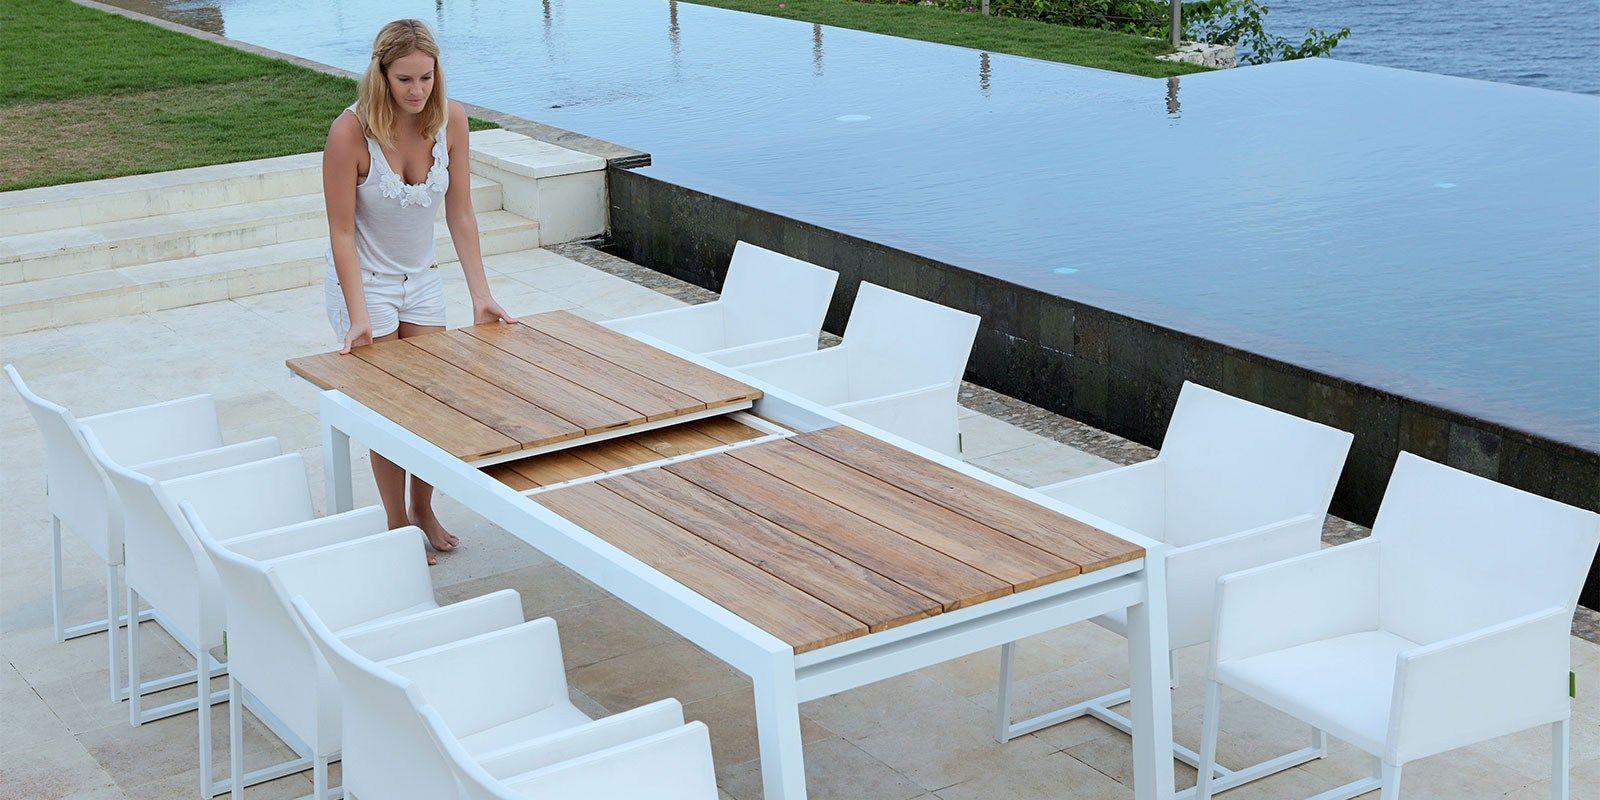 Tavolo allungabile da giardino in alluminio e legno baia - Tavolo giardino ...